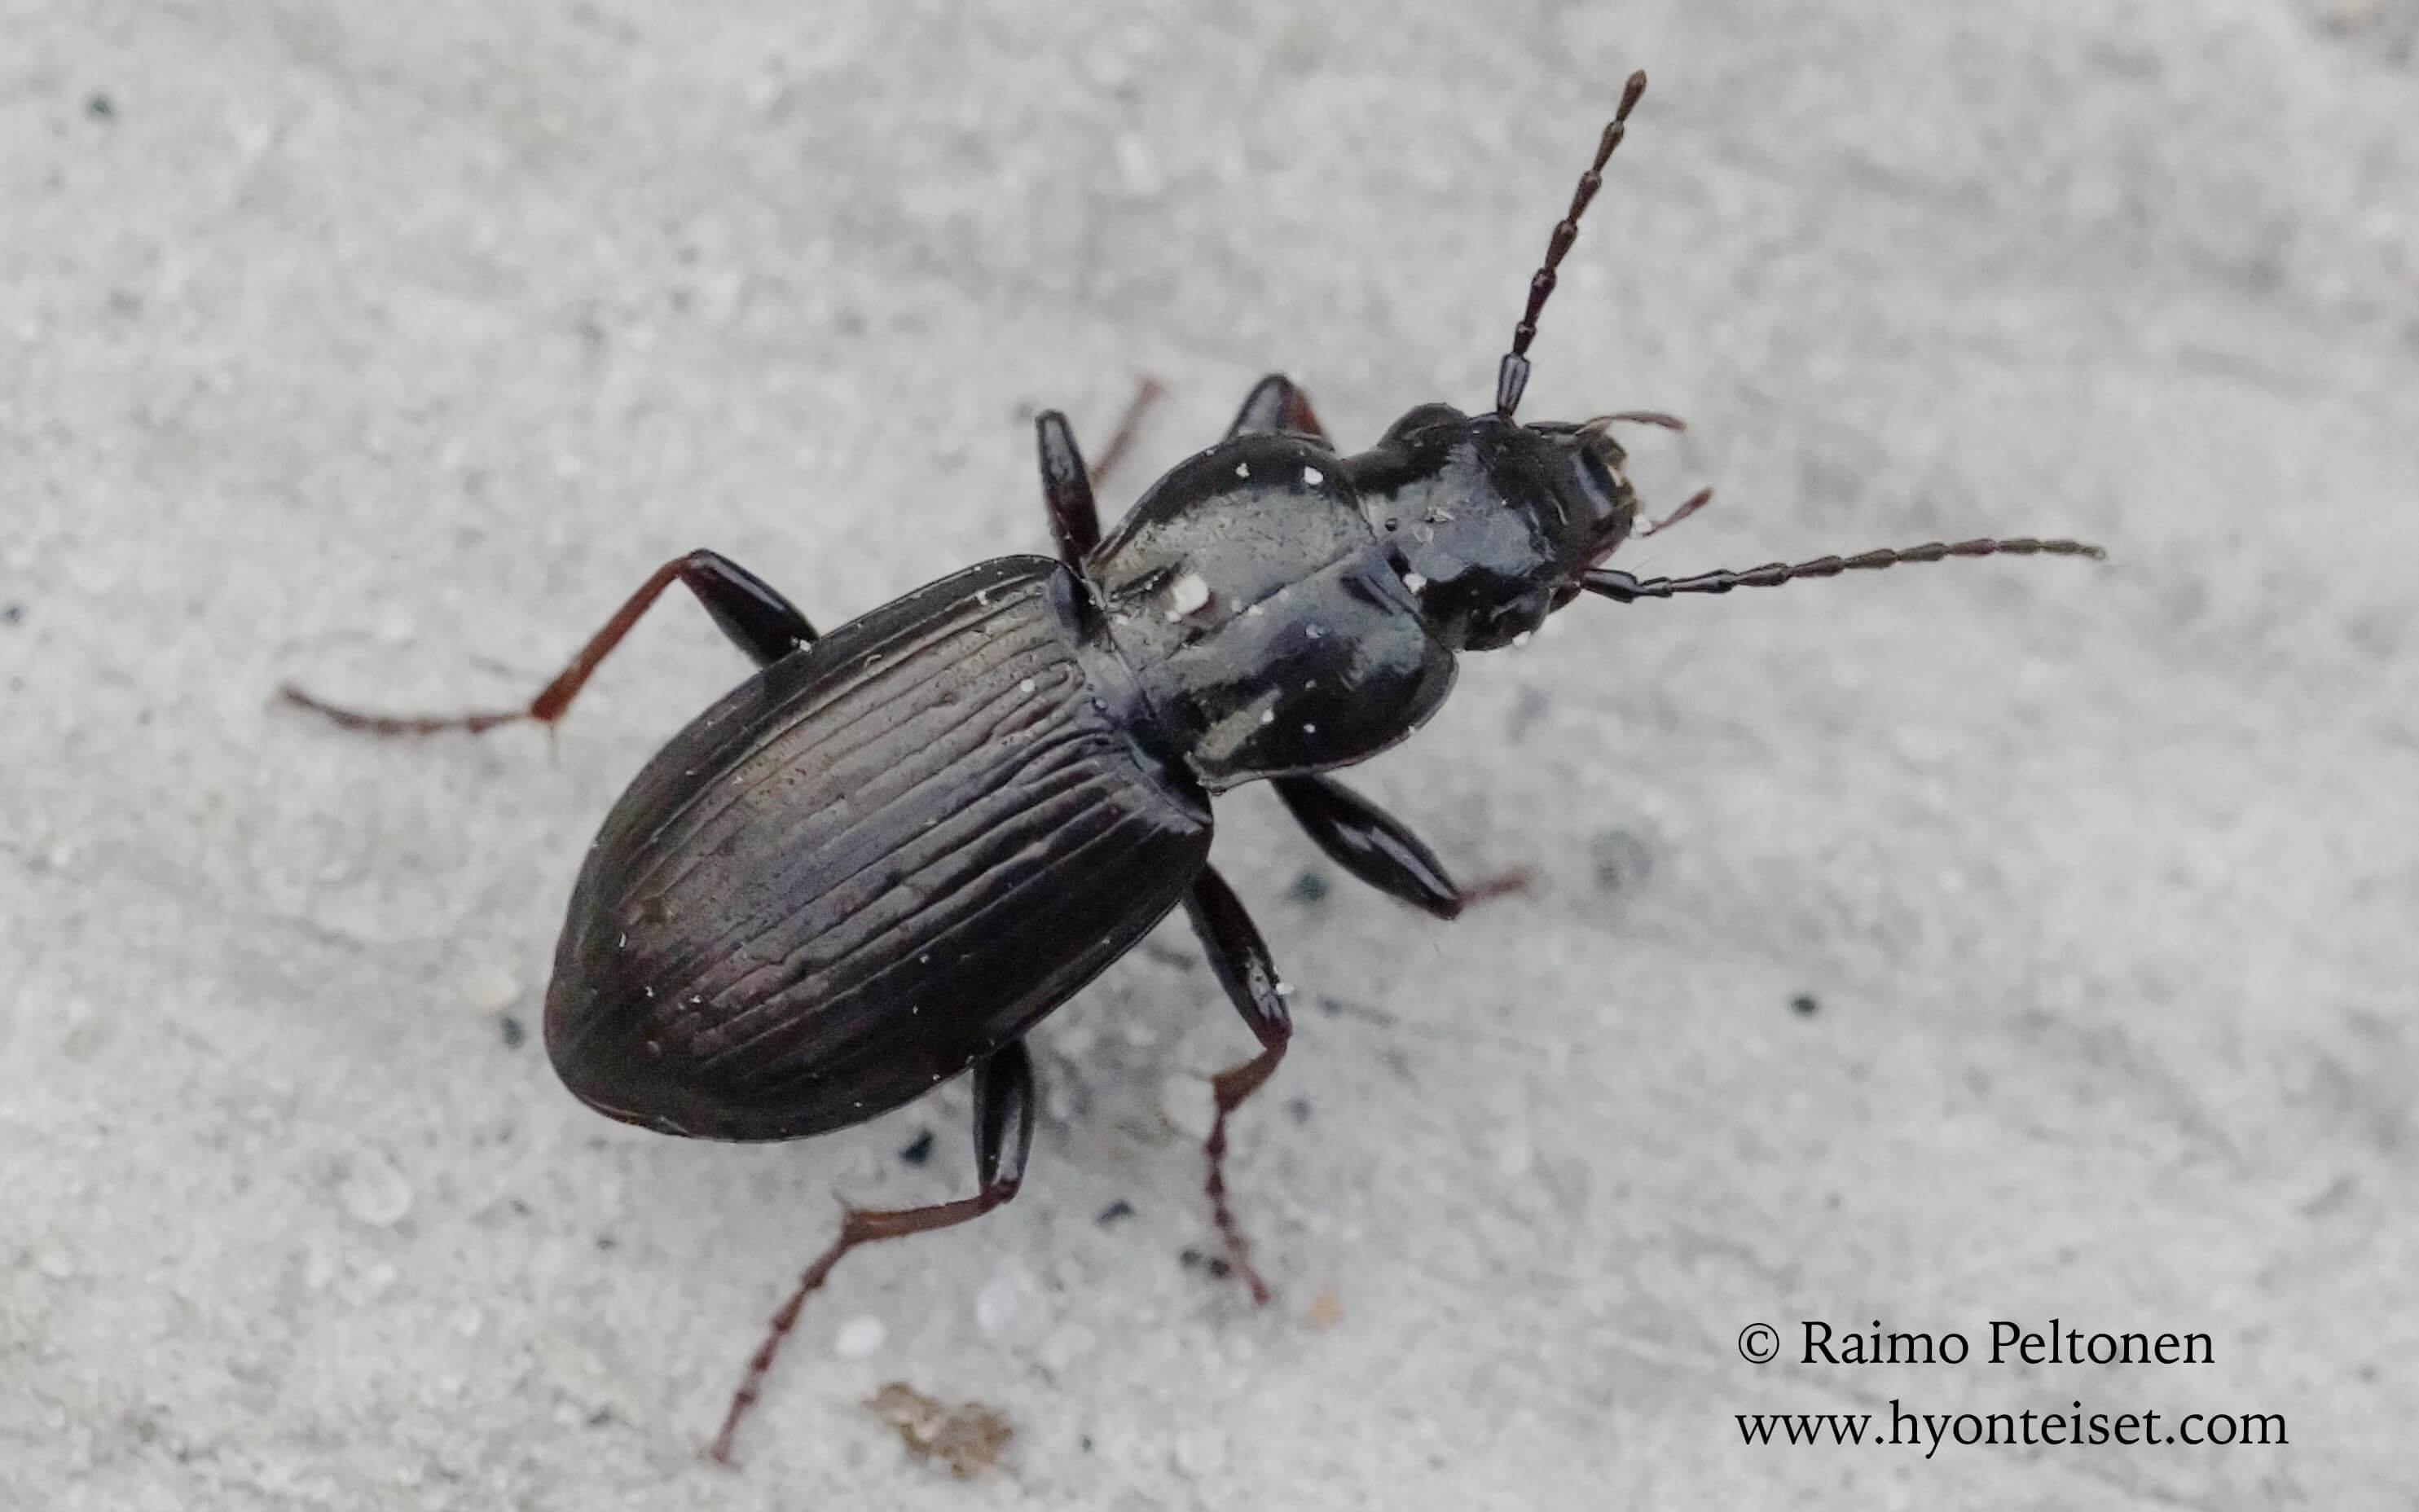 Pterostichus oblongopunctatus (det. Tapio Kujala), 6.5.2016 Patvinsuo